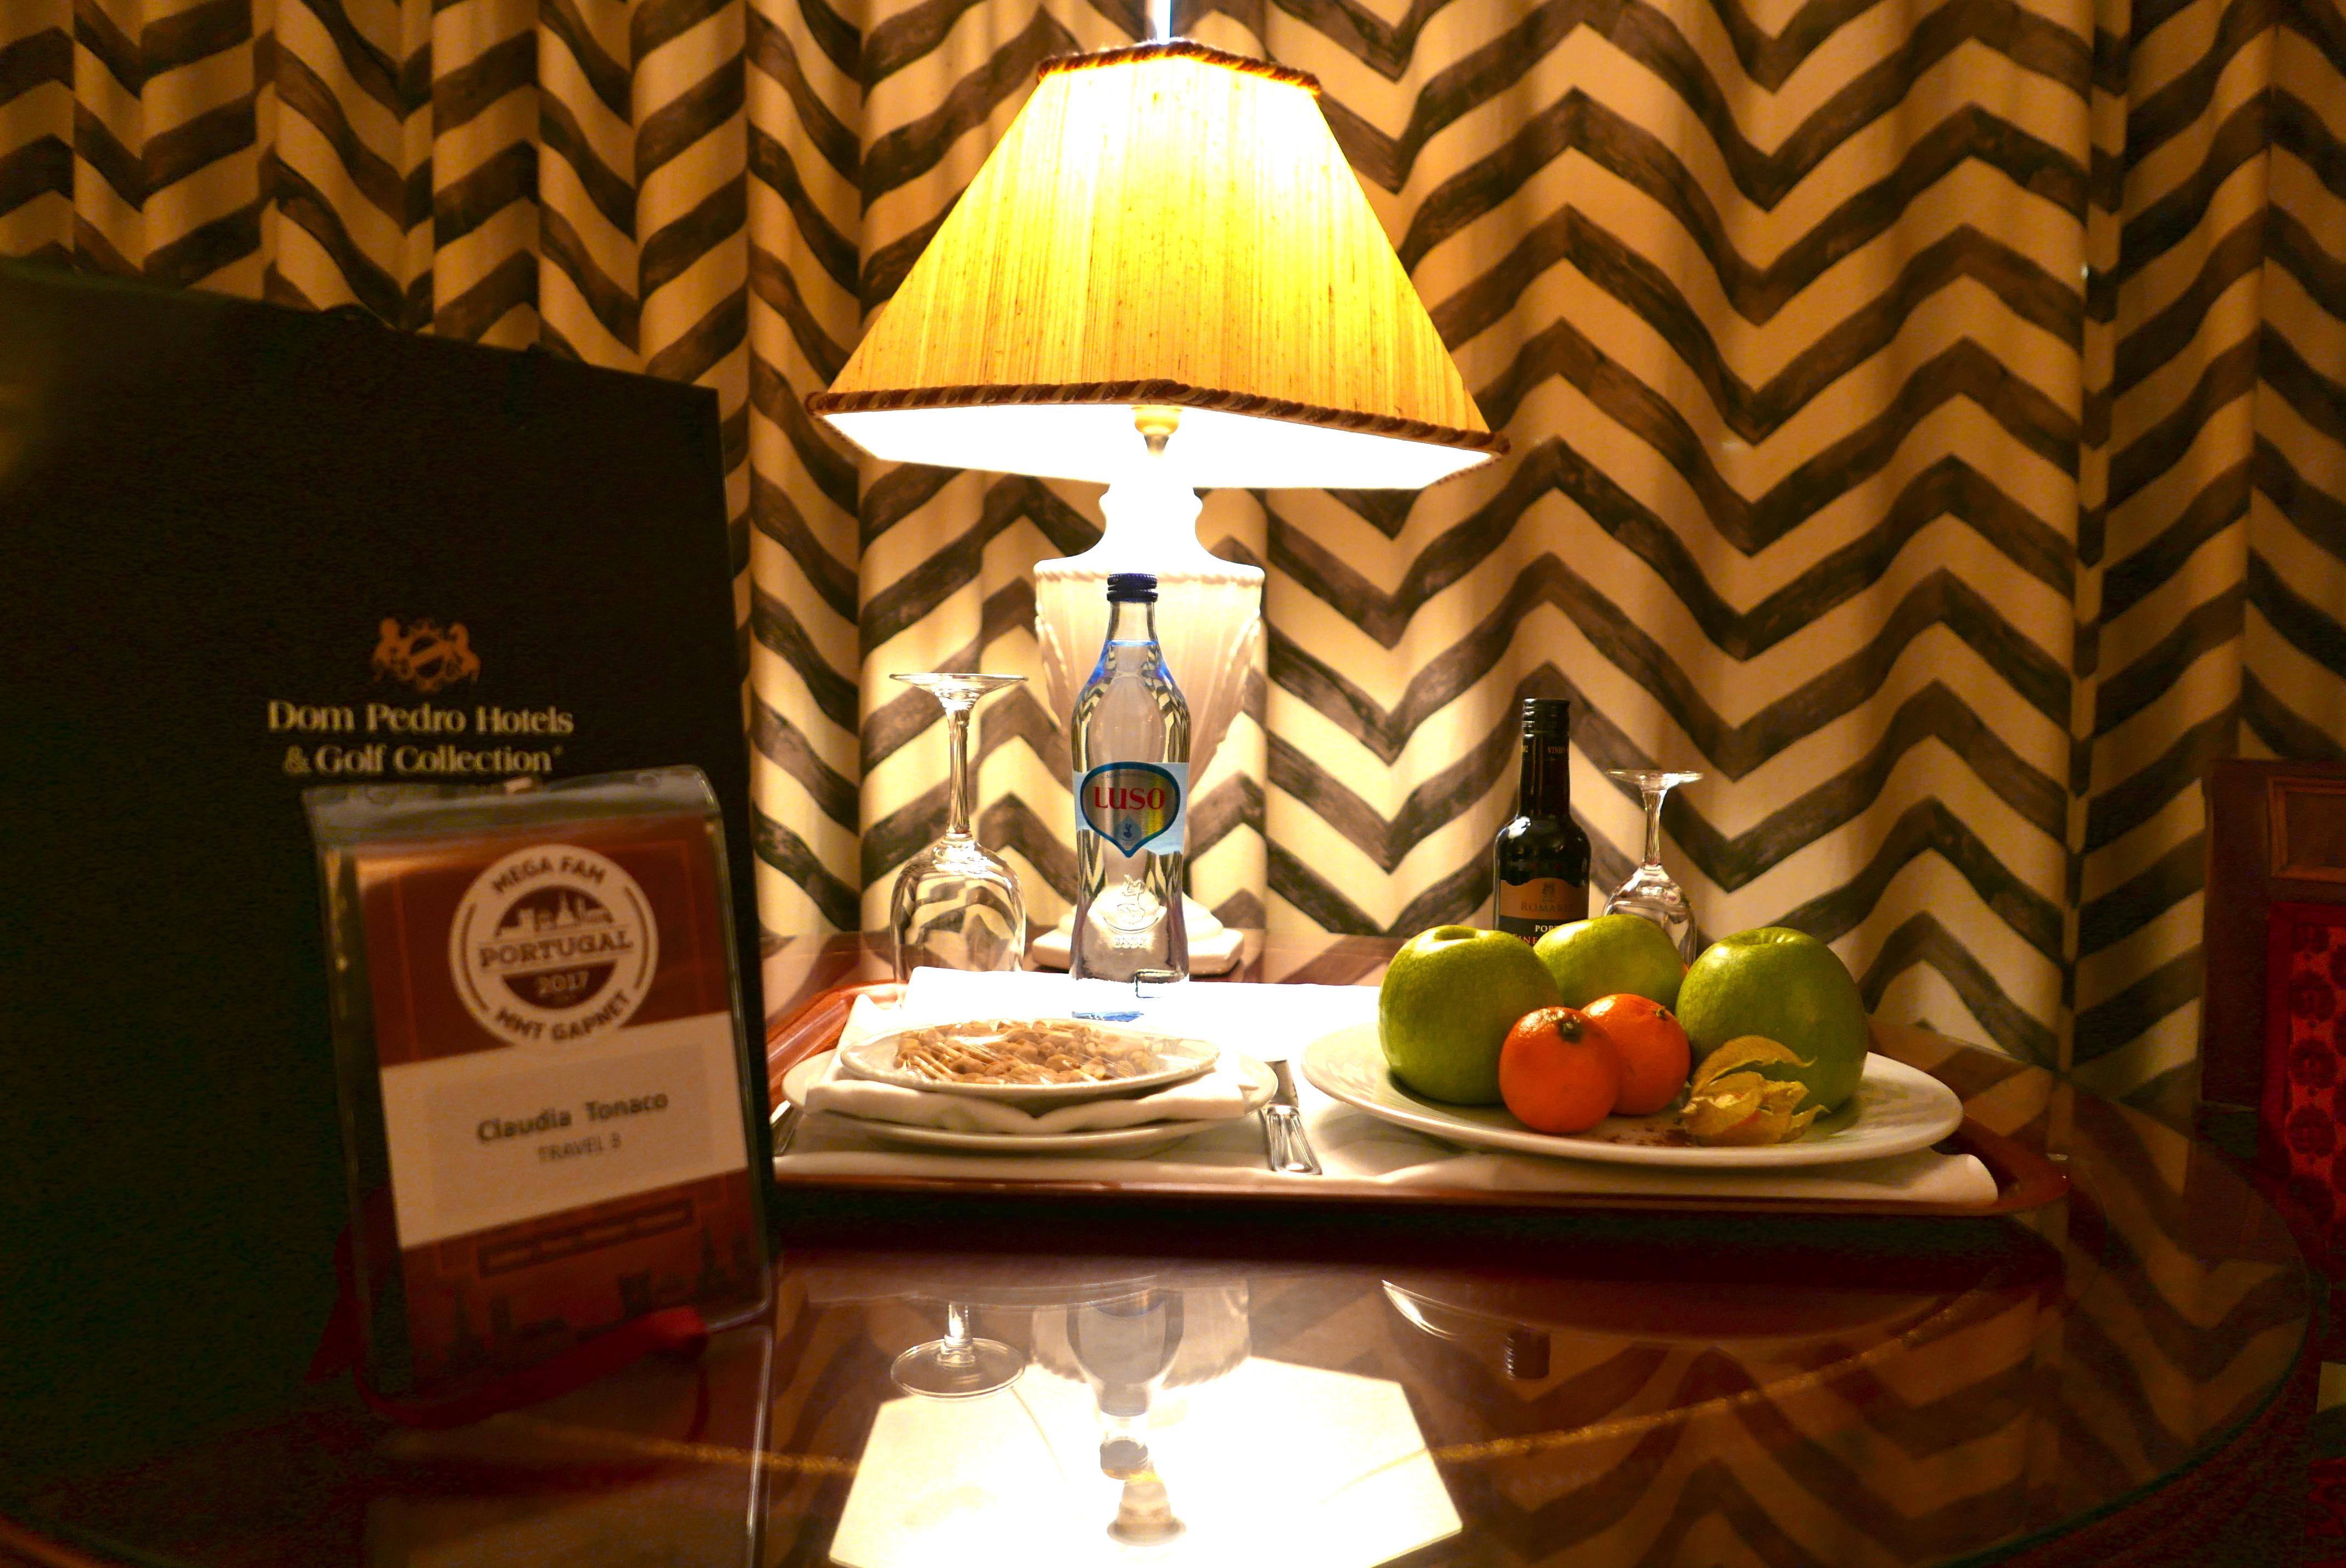 Hotel D. Pedro recebeu os hóspedes com elegância e hospitalidade